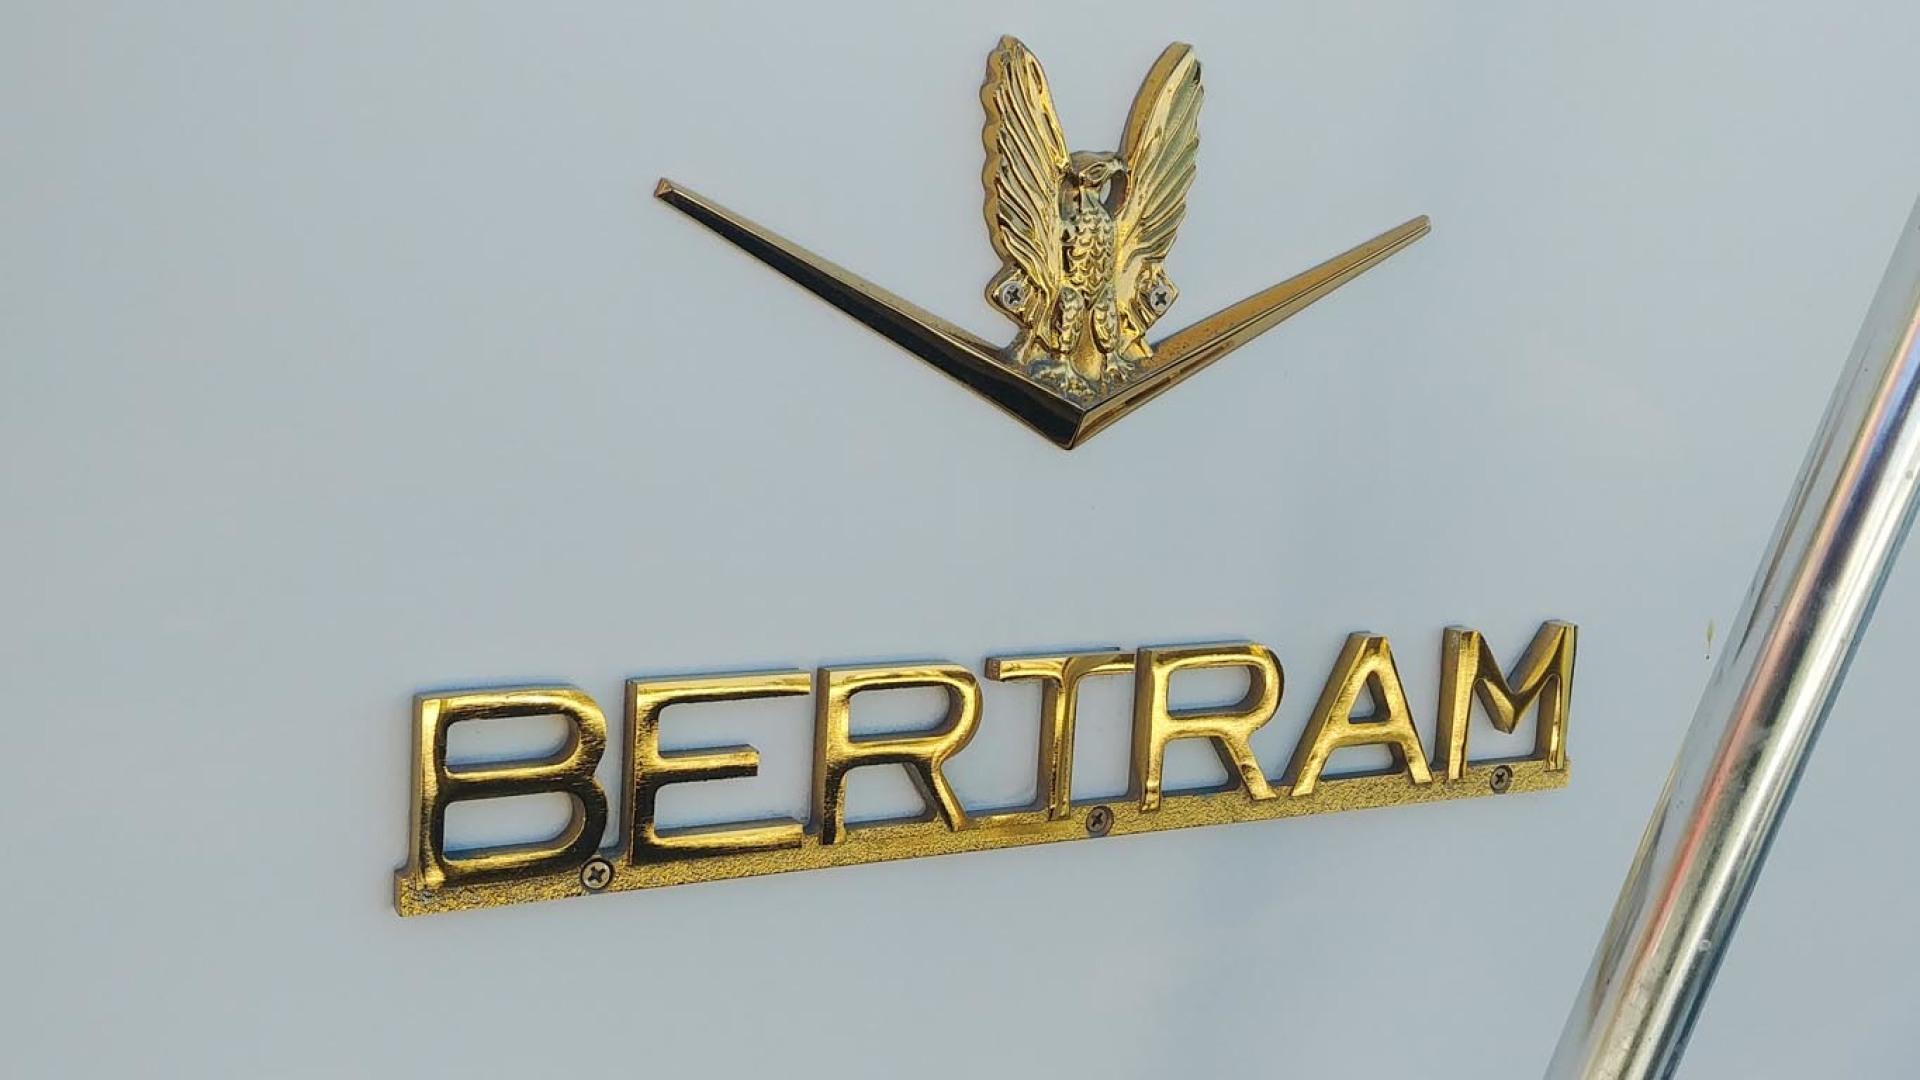 Bertram-450 Convertible 2002-SEA YA Sunny Isles Beach-Florida-United States-Bertram Yachts-1289300 | Thumbnail